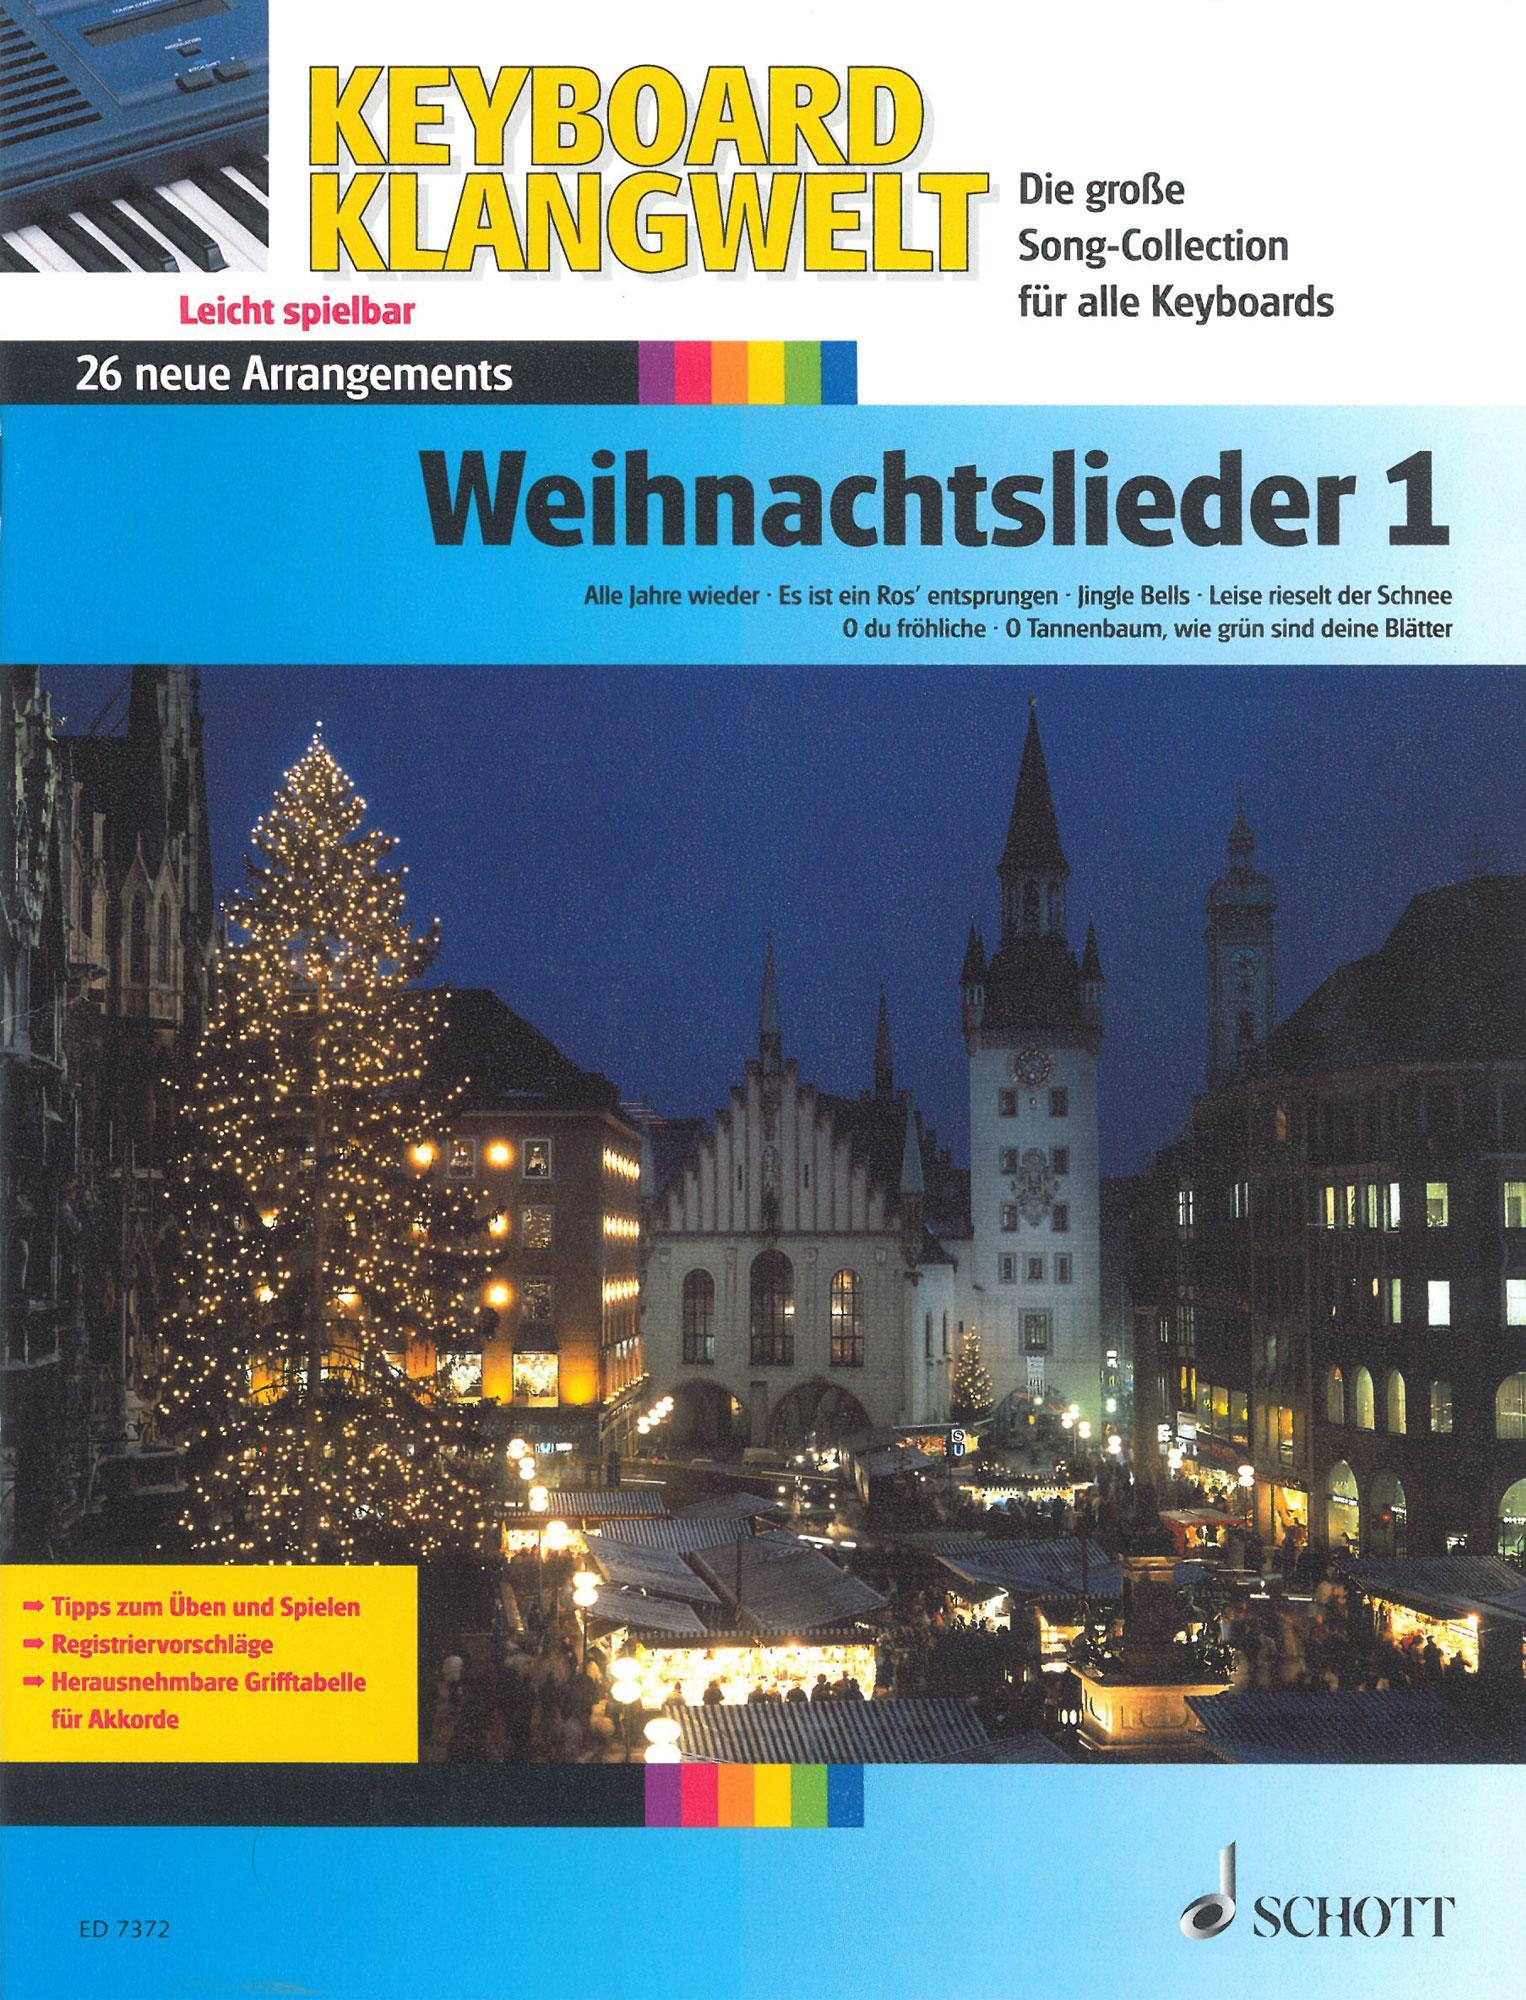 Aktuelle Weihnachtslieder.Keyboard Klangwelt Weihnachtslieder 1